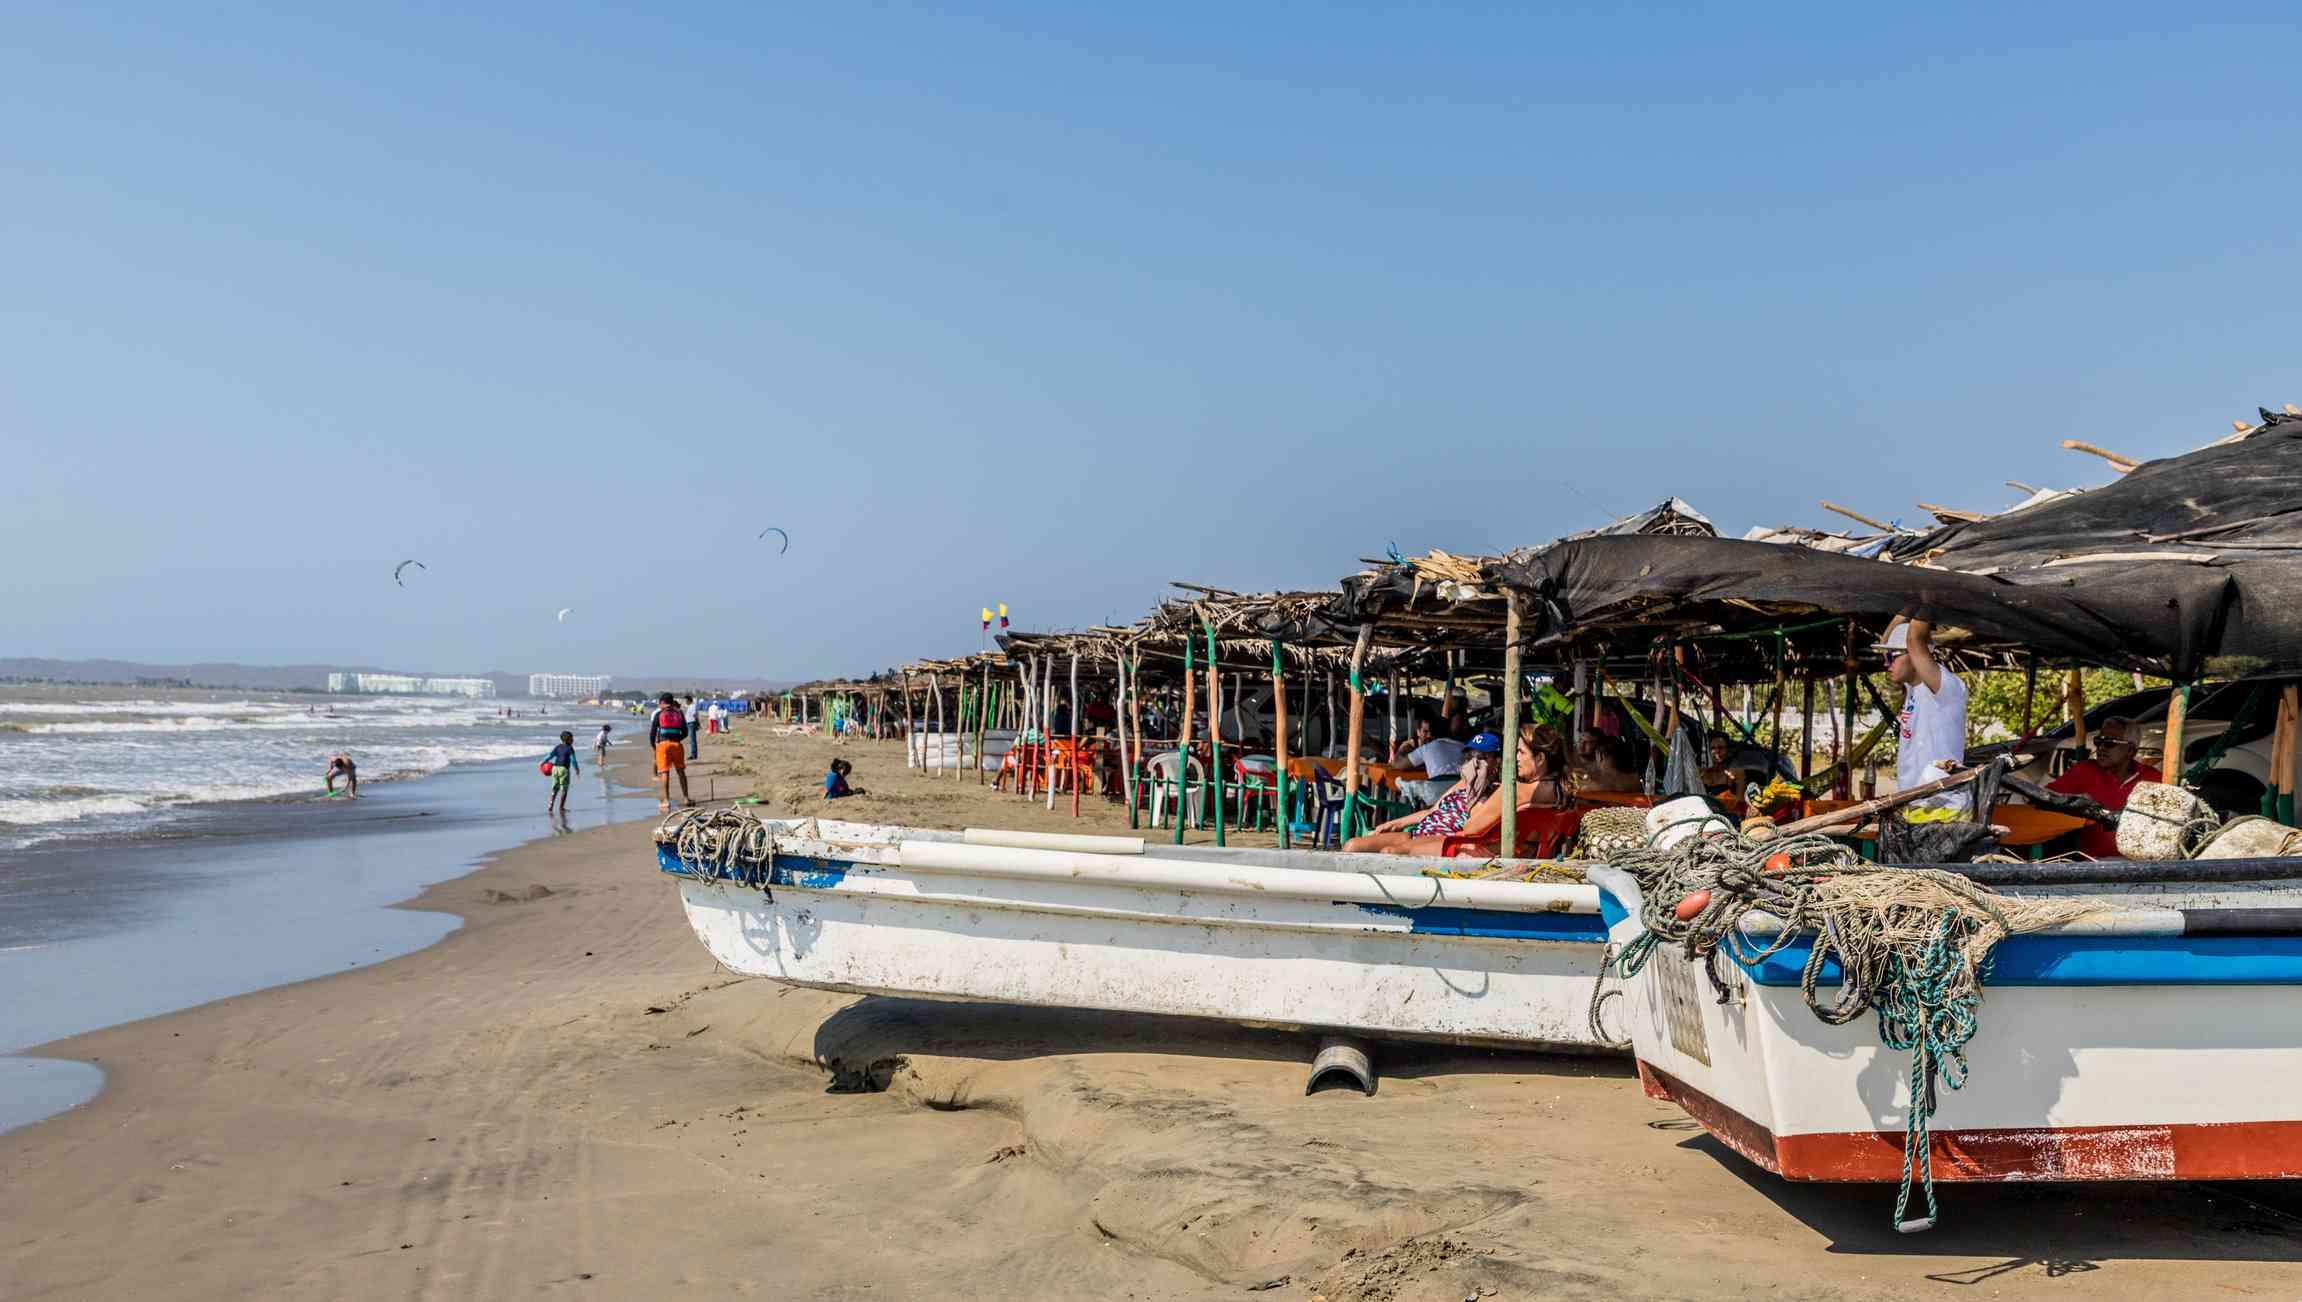 La Boquilla, outside of Cartagena